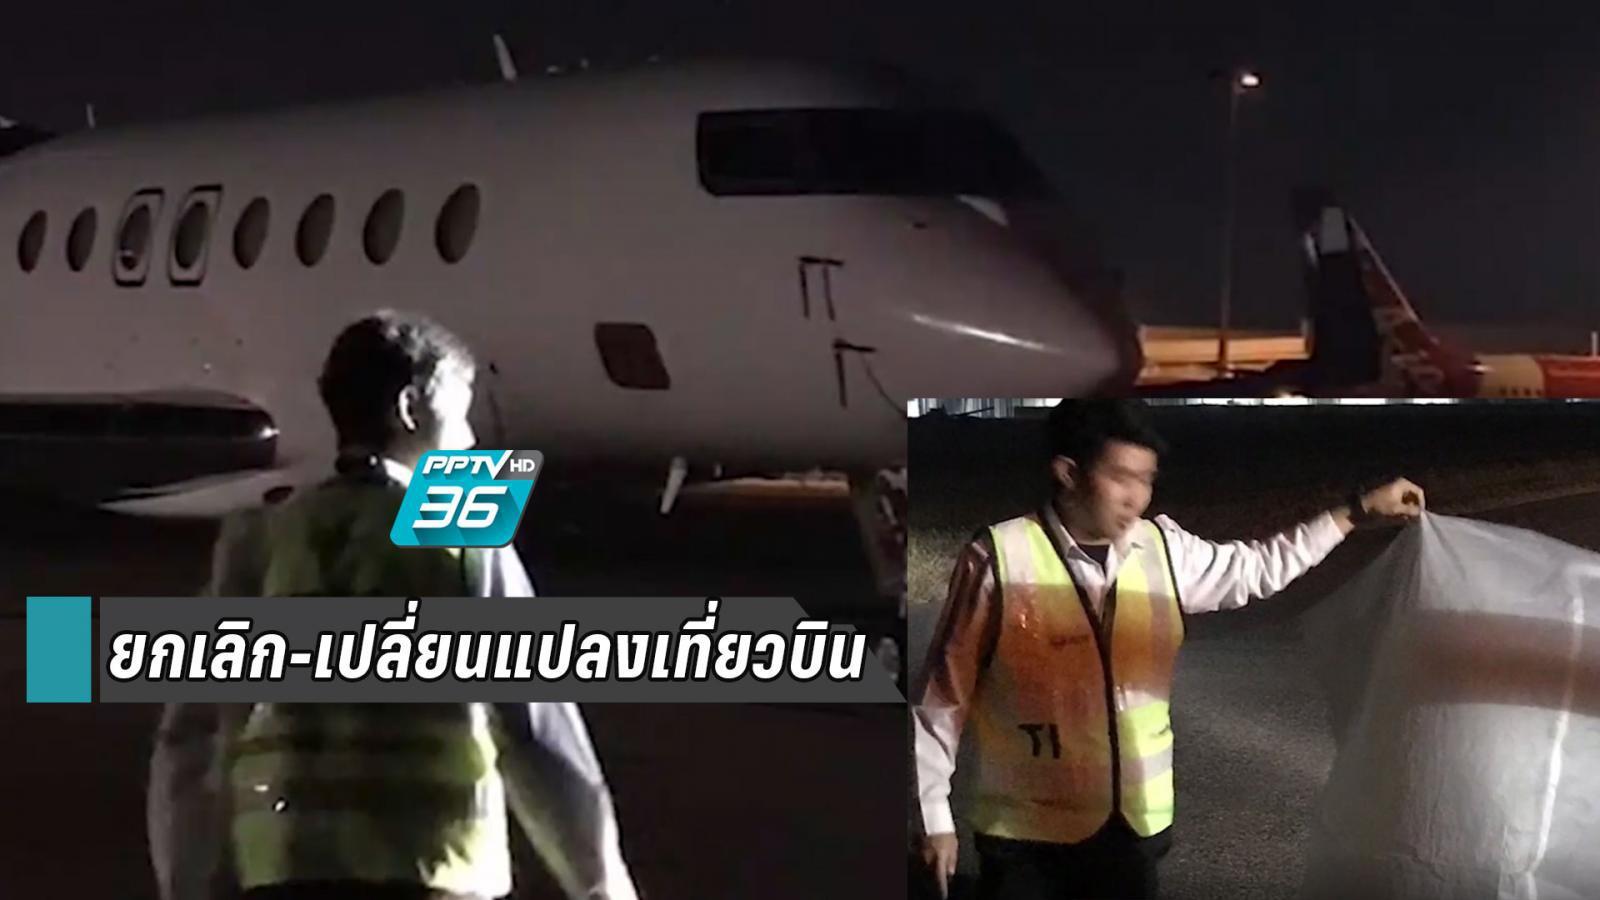 สนามบินเชียงใหม่ ยกเลิก-เปลี่ยนแปลง 151 เที่ยวบิน หนีโคมยี่เป็ง